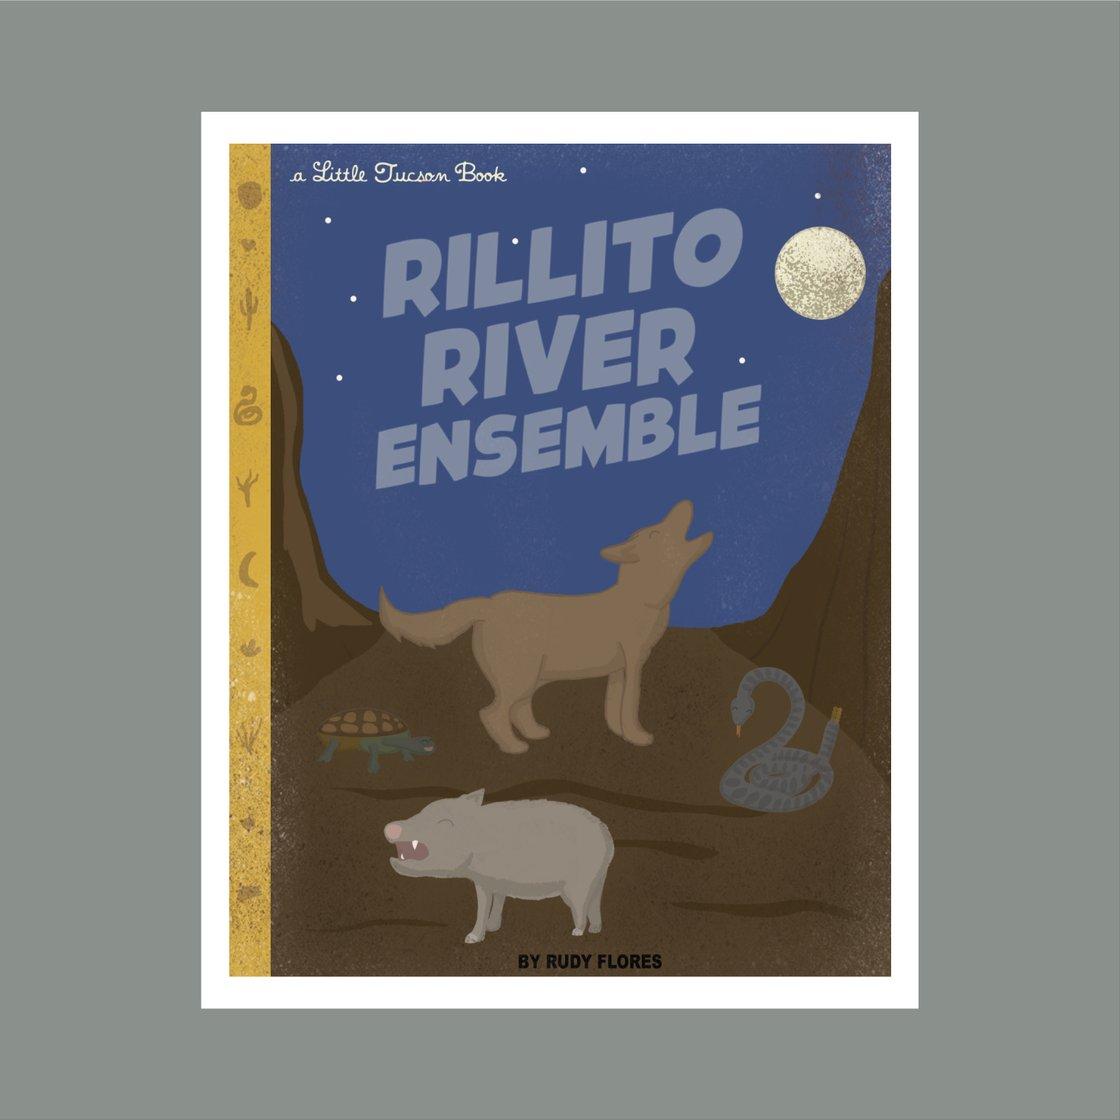 Image of Rillito River Ensemble